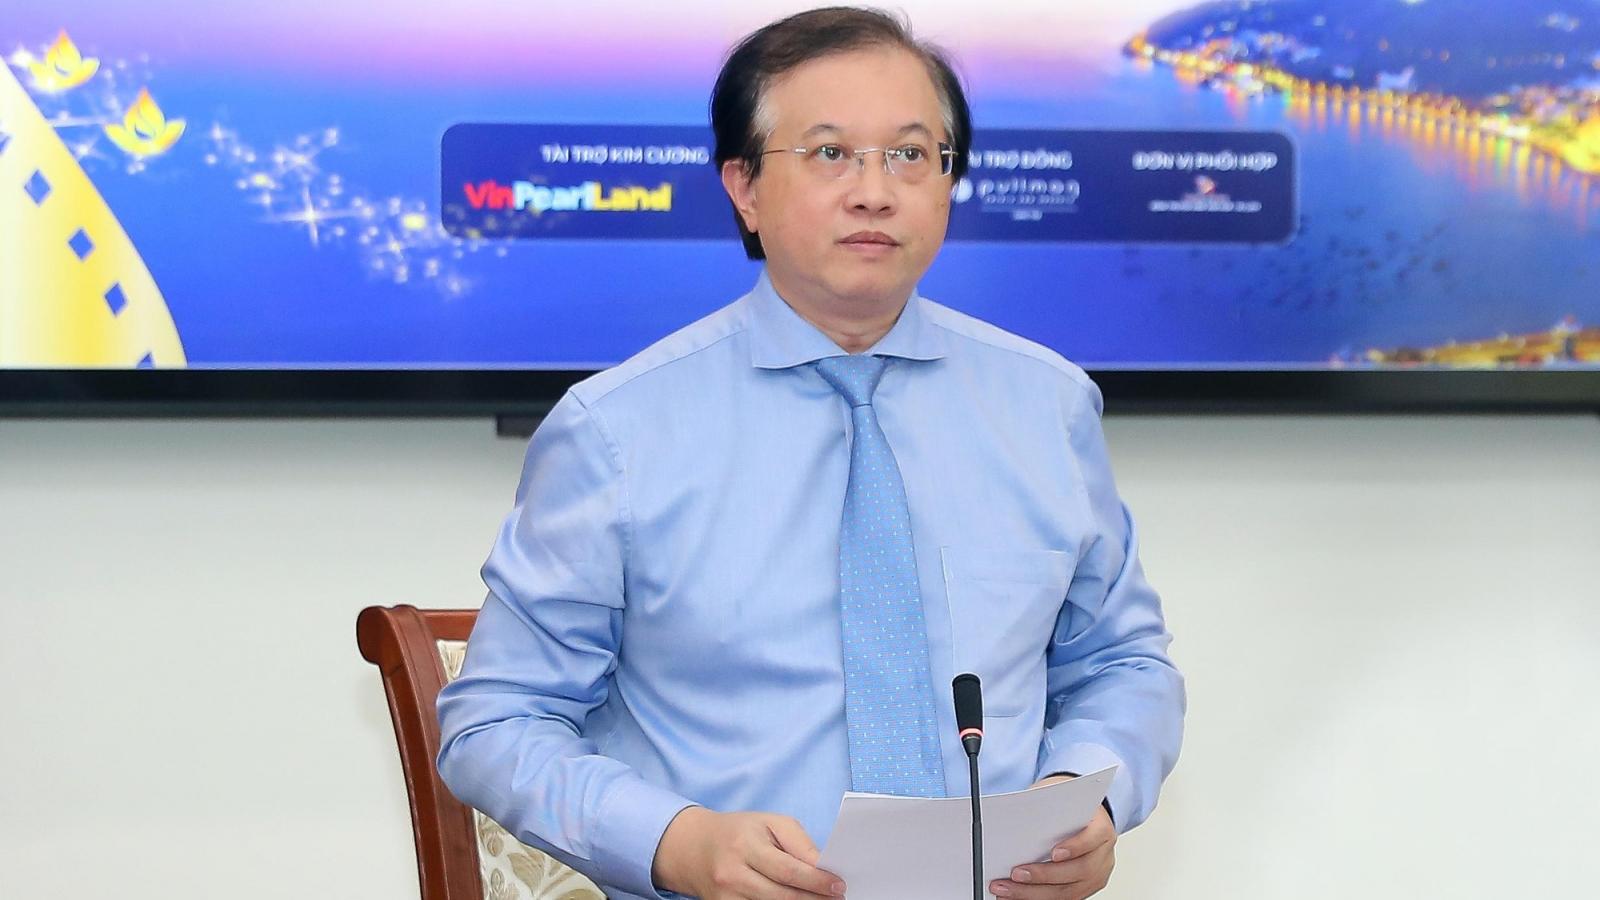 Bộ VHTT&DL xây dựng bộ Quy tắc ứng xử của nghệ sĩ Việt